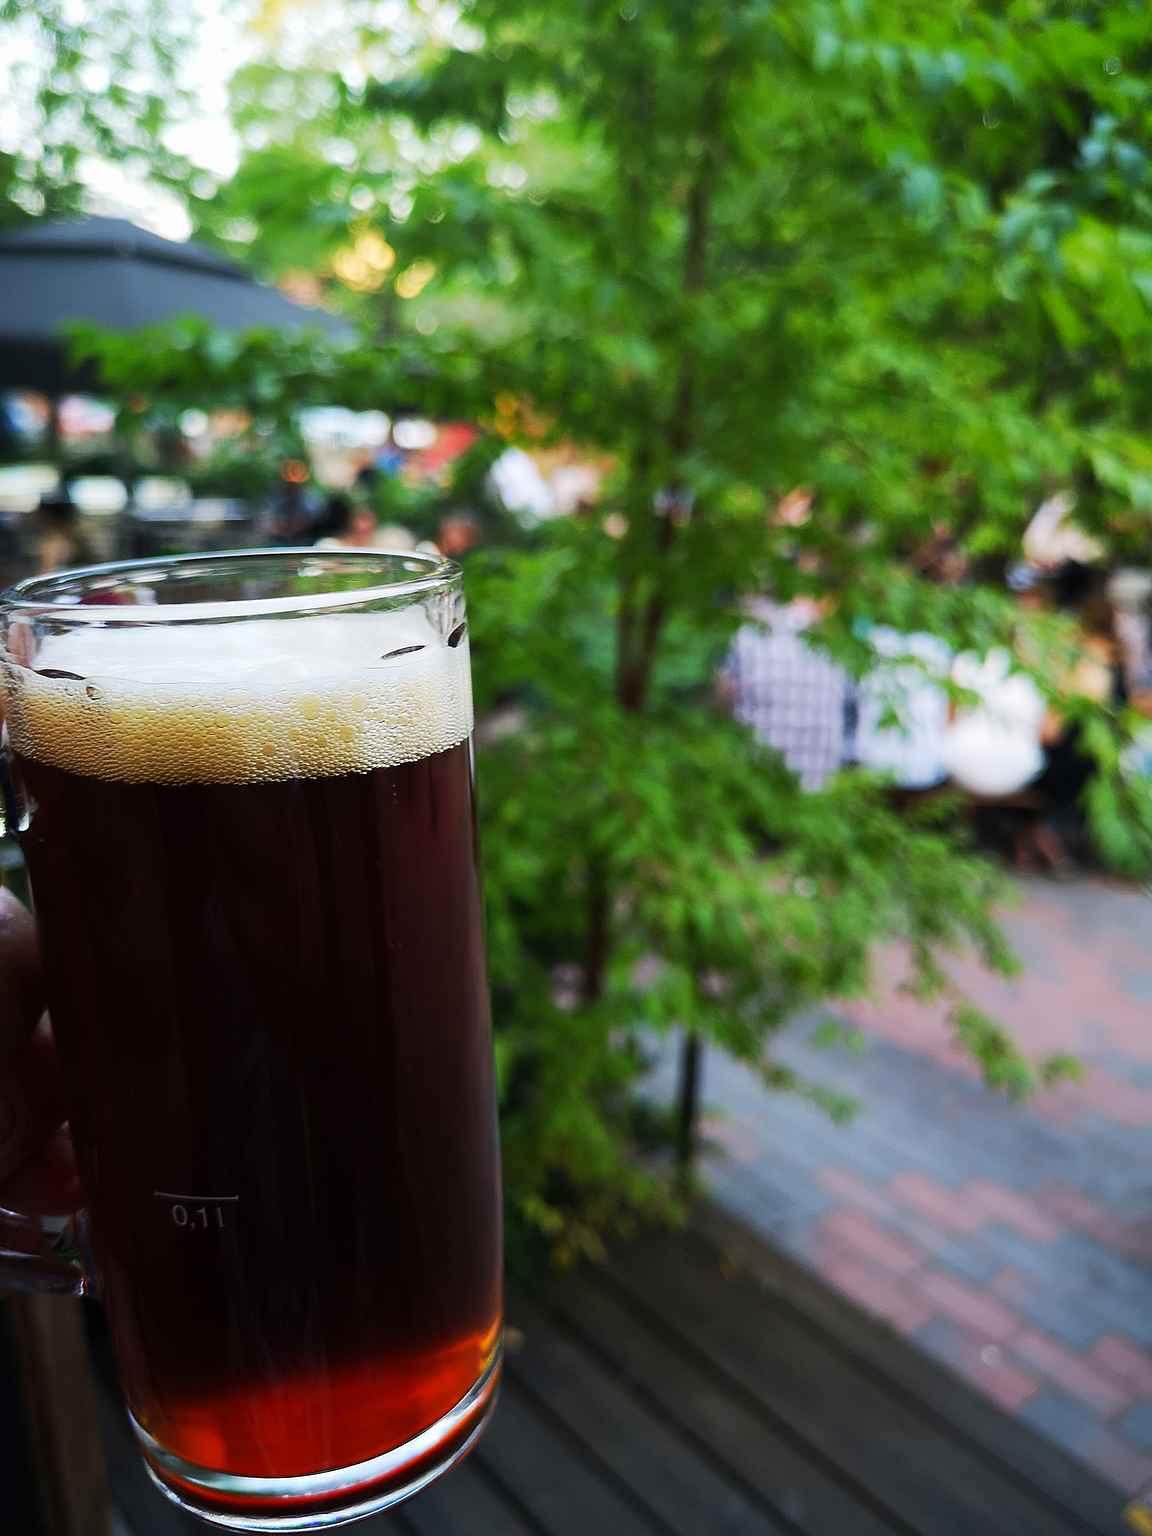 Panimoravintola Koululla on Suomen paras olutpuutarha eli biergarten.